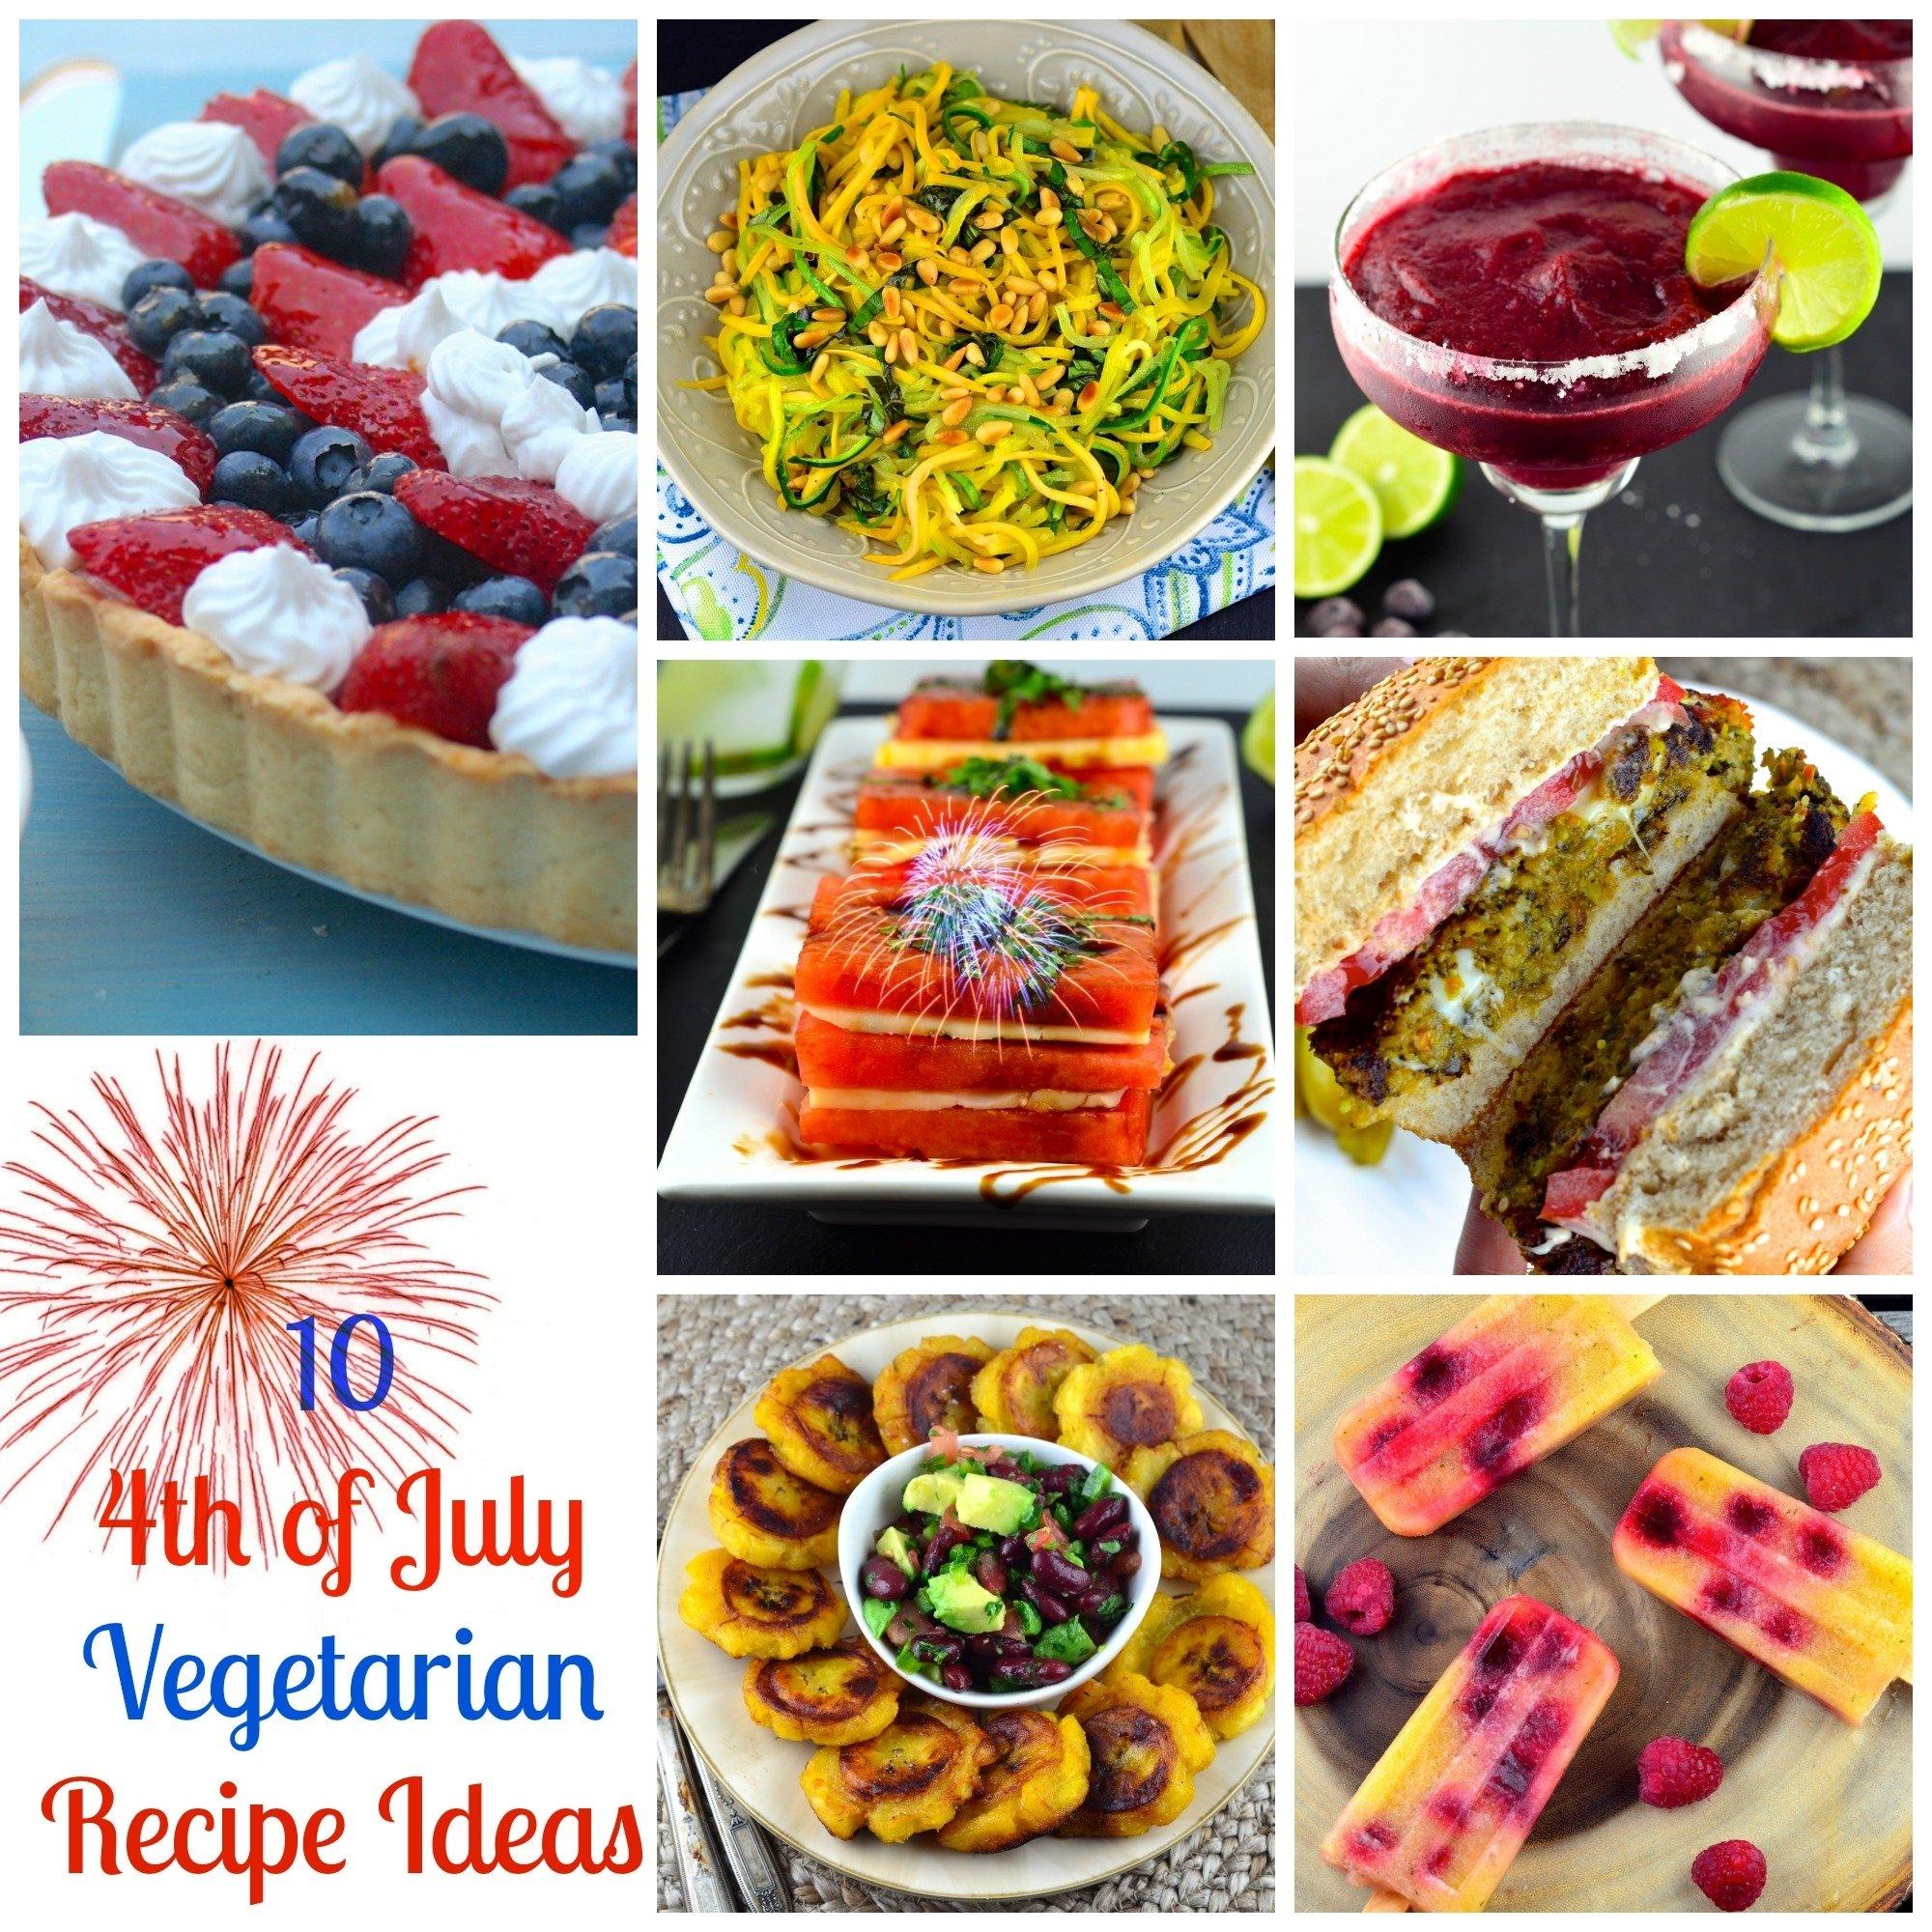 10 Fabulous 4Th Of July Foods Ideas ten 4th of july vegetarian recipe ideas 2